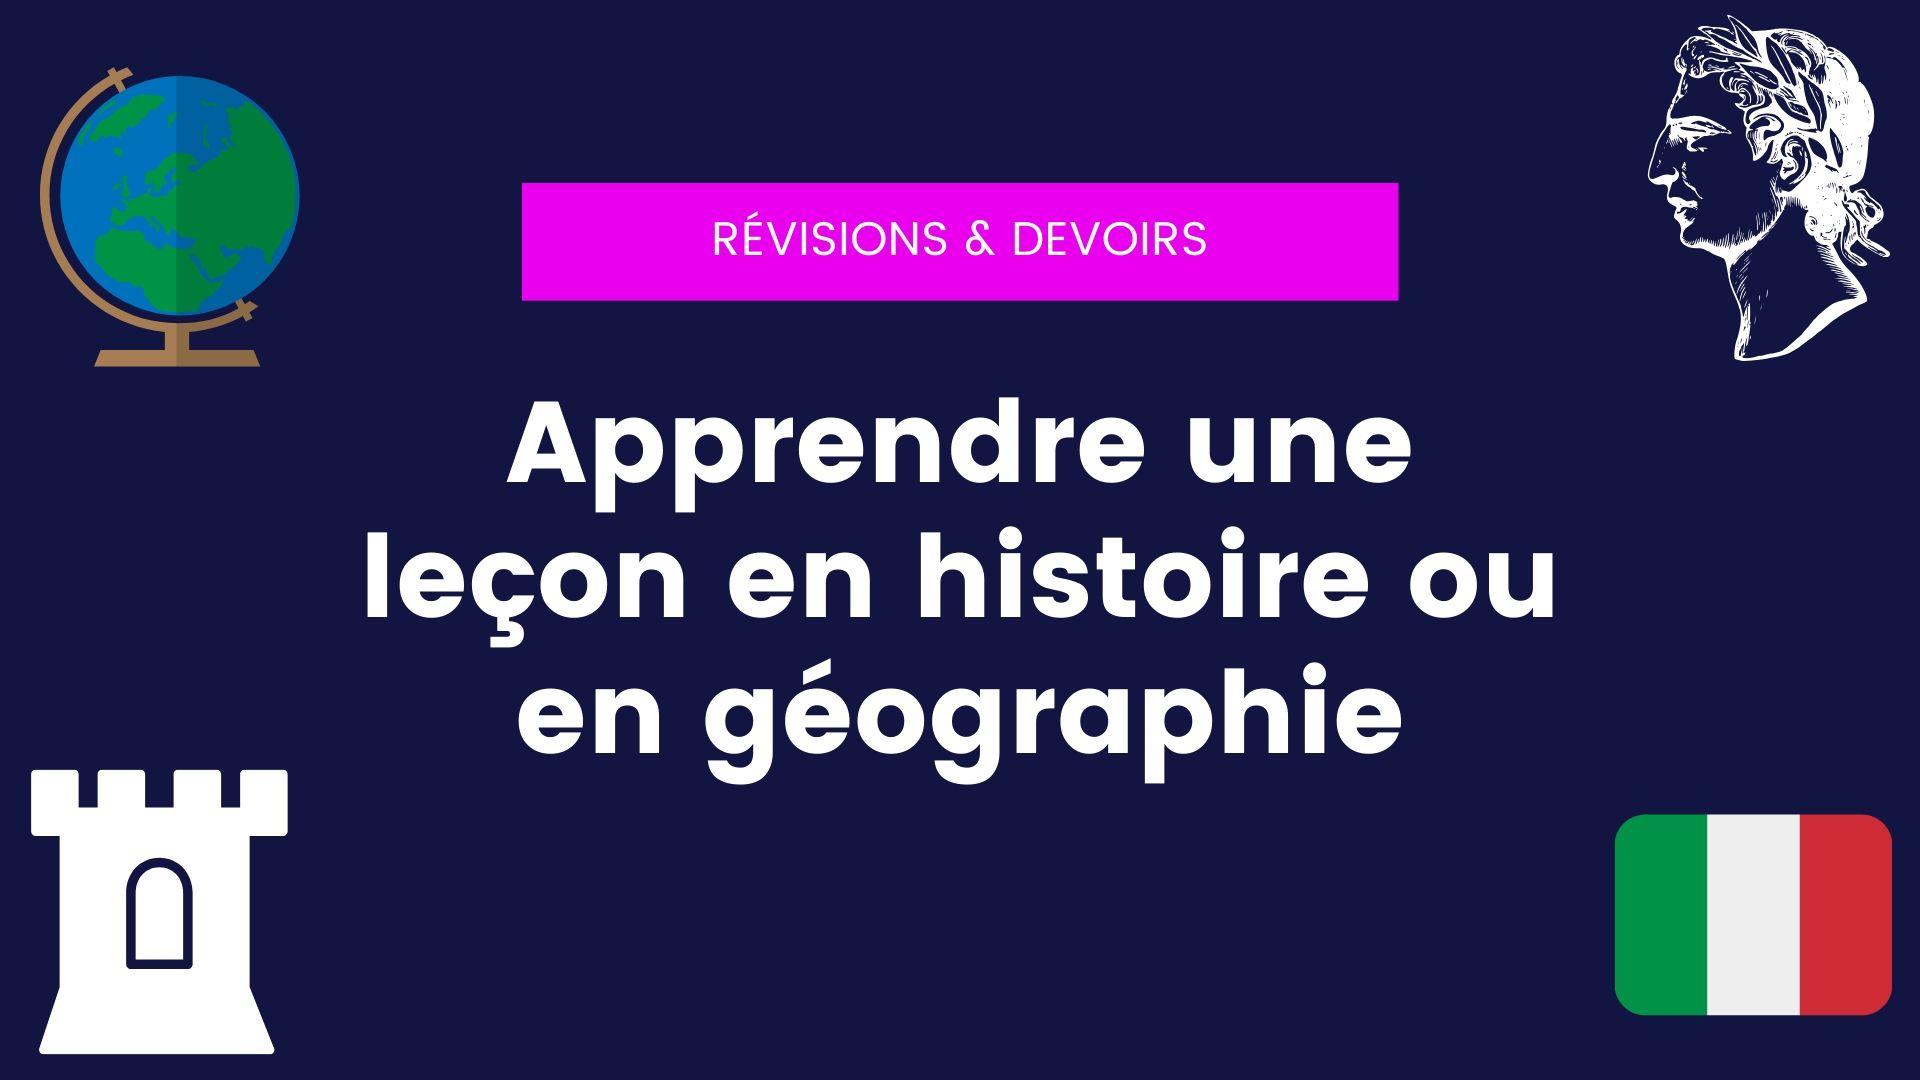 Apprendre une leçon en histoire ou en géographie